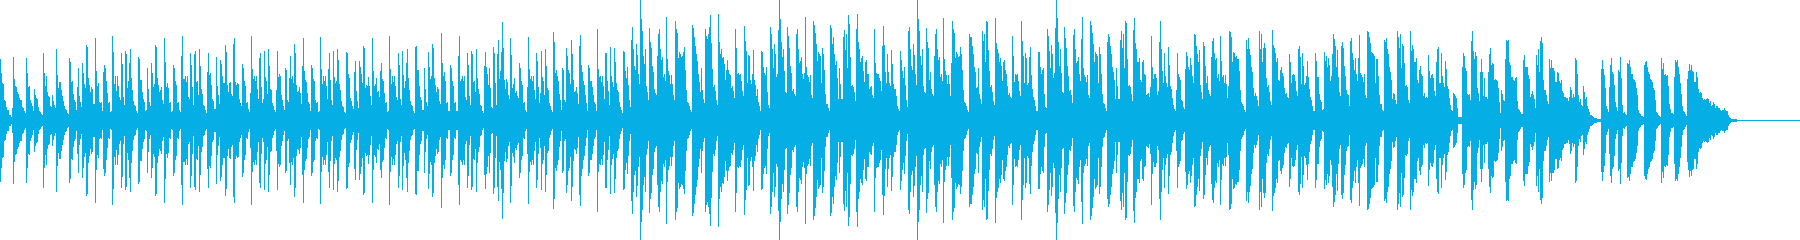 スローテンポベース抜きverの再生済みの波形